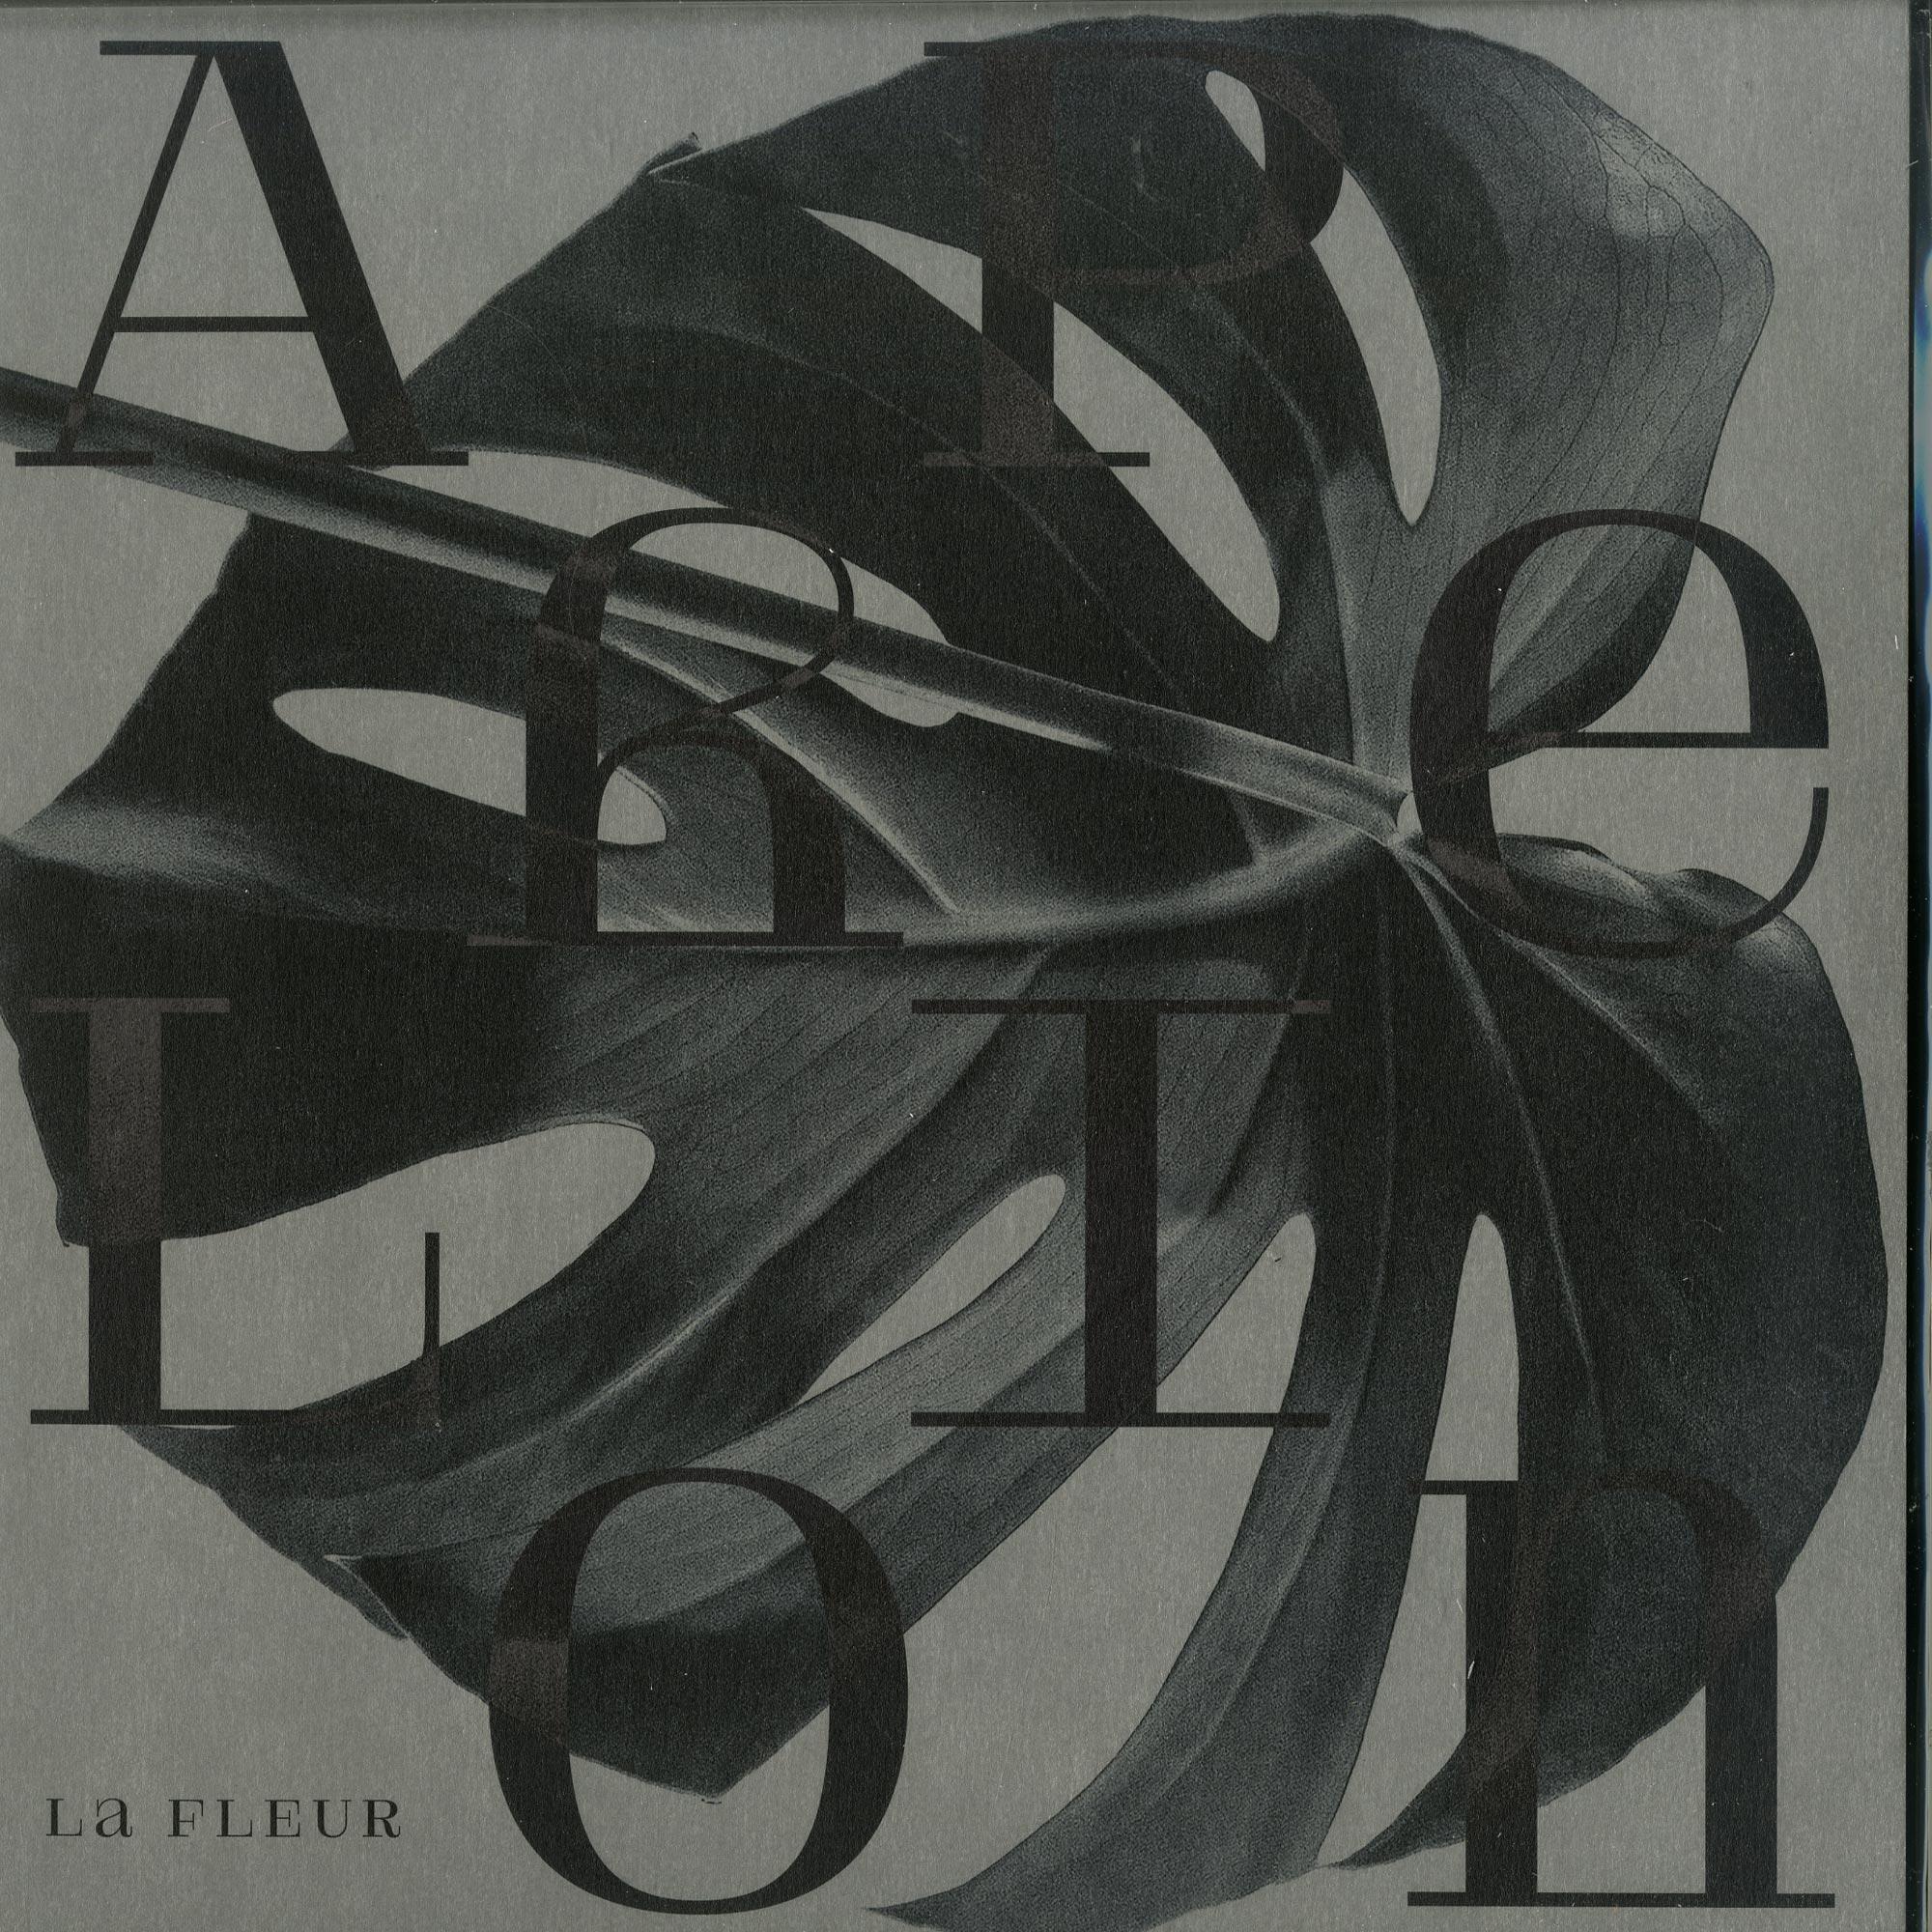 La Fleur - APHELION EP